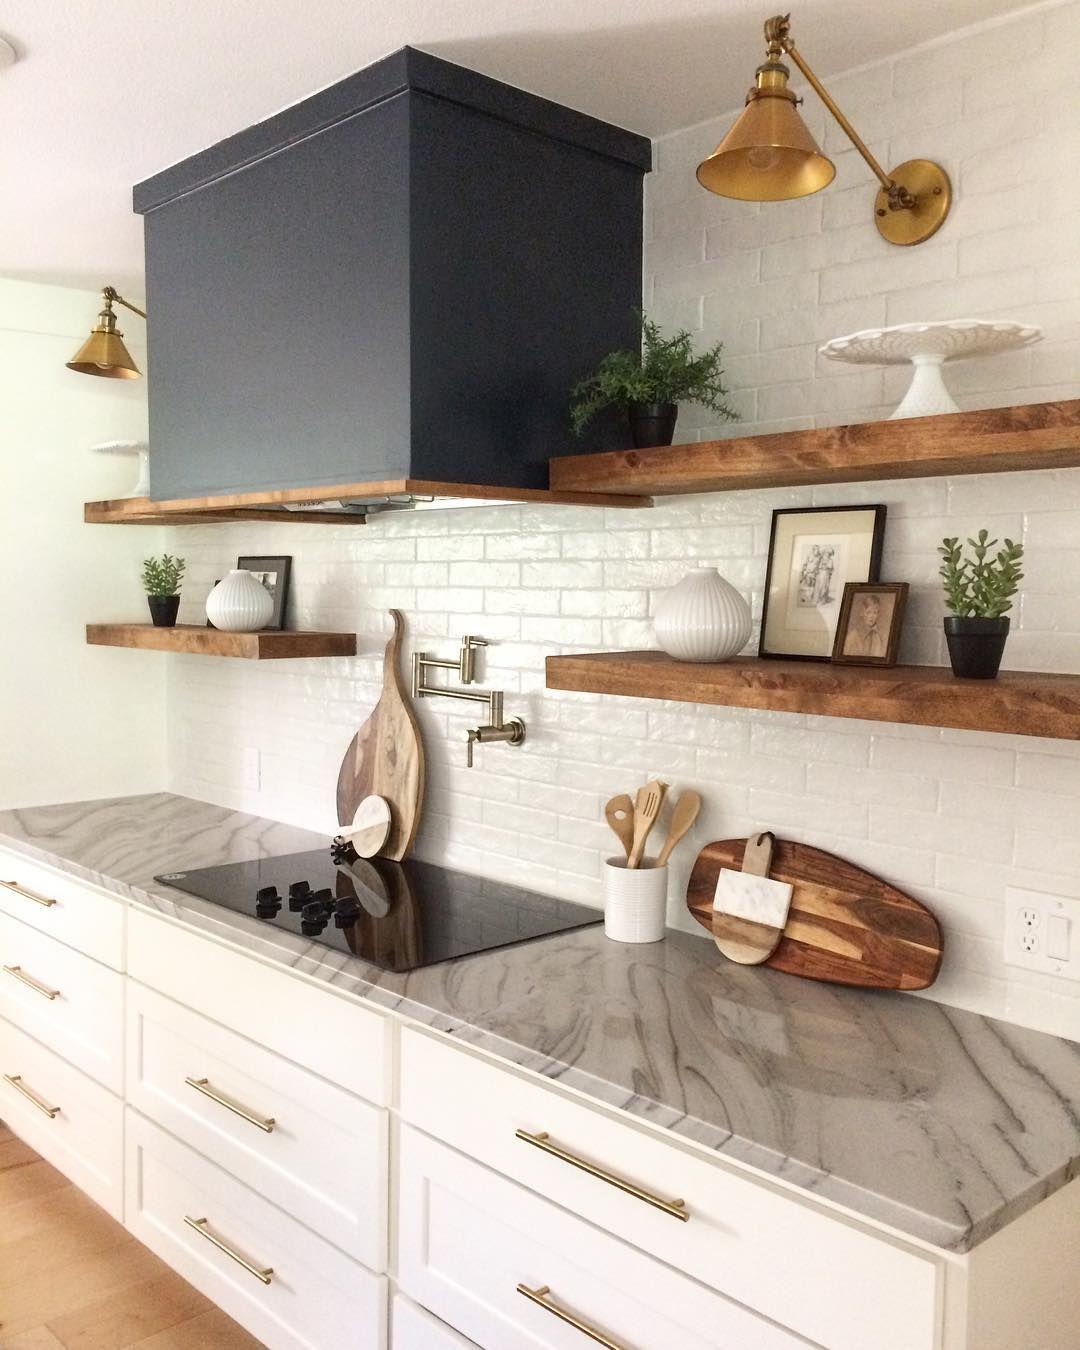 Ks8108dl Wall Mount Pot Filler Kitchen Faucet Brushed